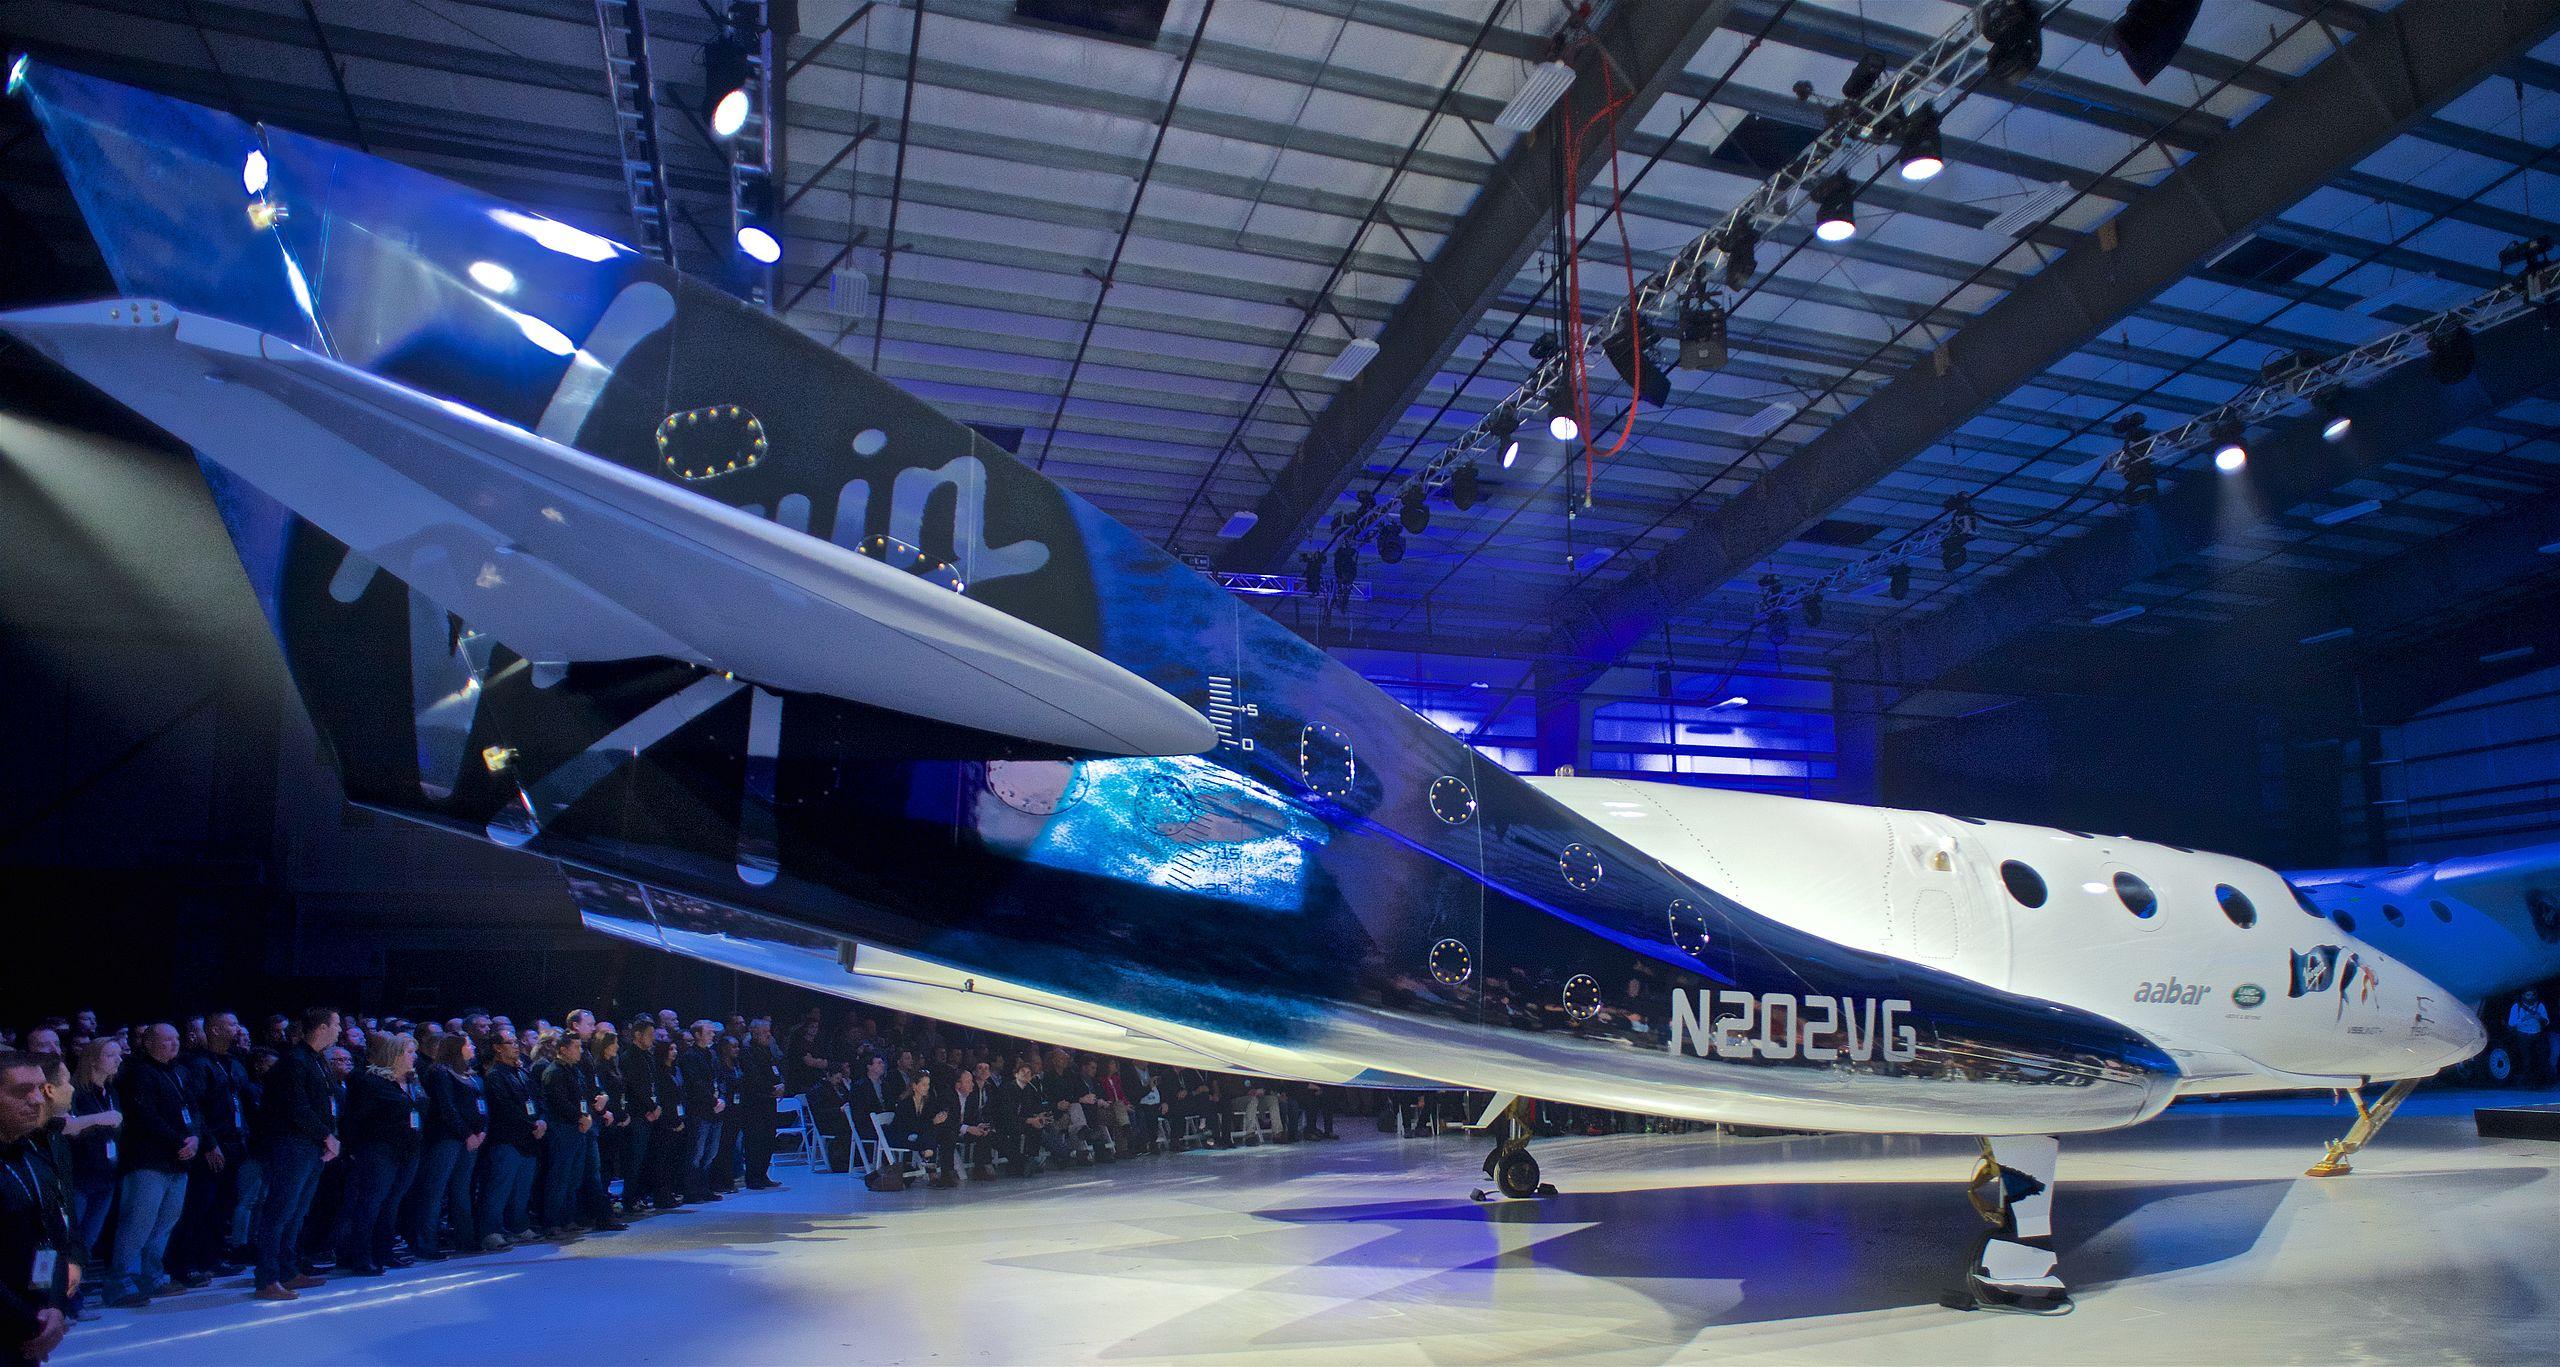 Richard Branson åker snart till rymden Passar på att åka upp innan Bezos